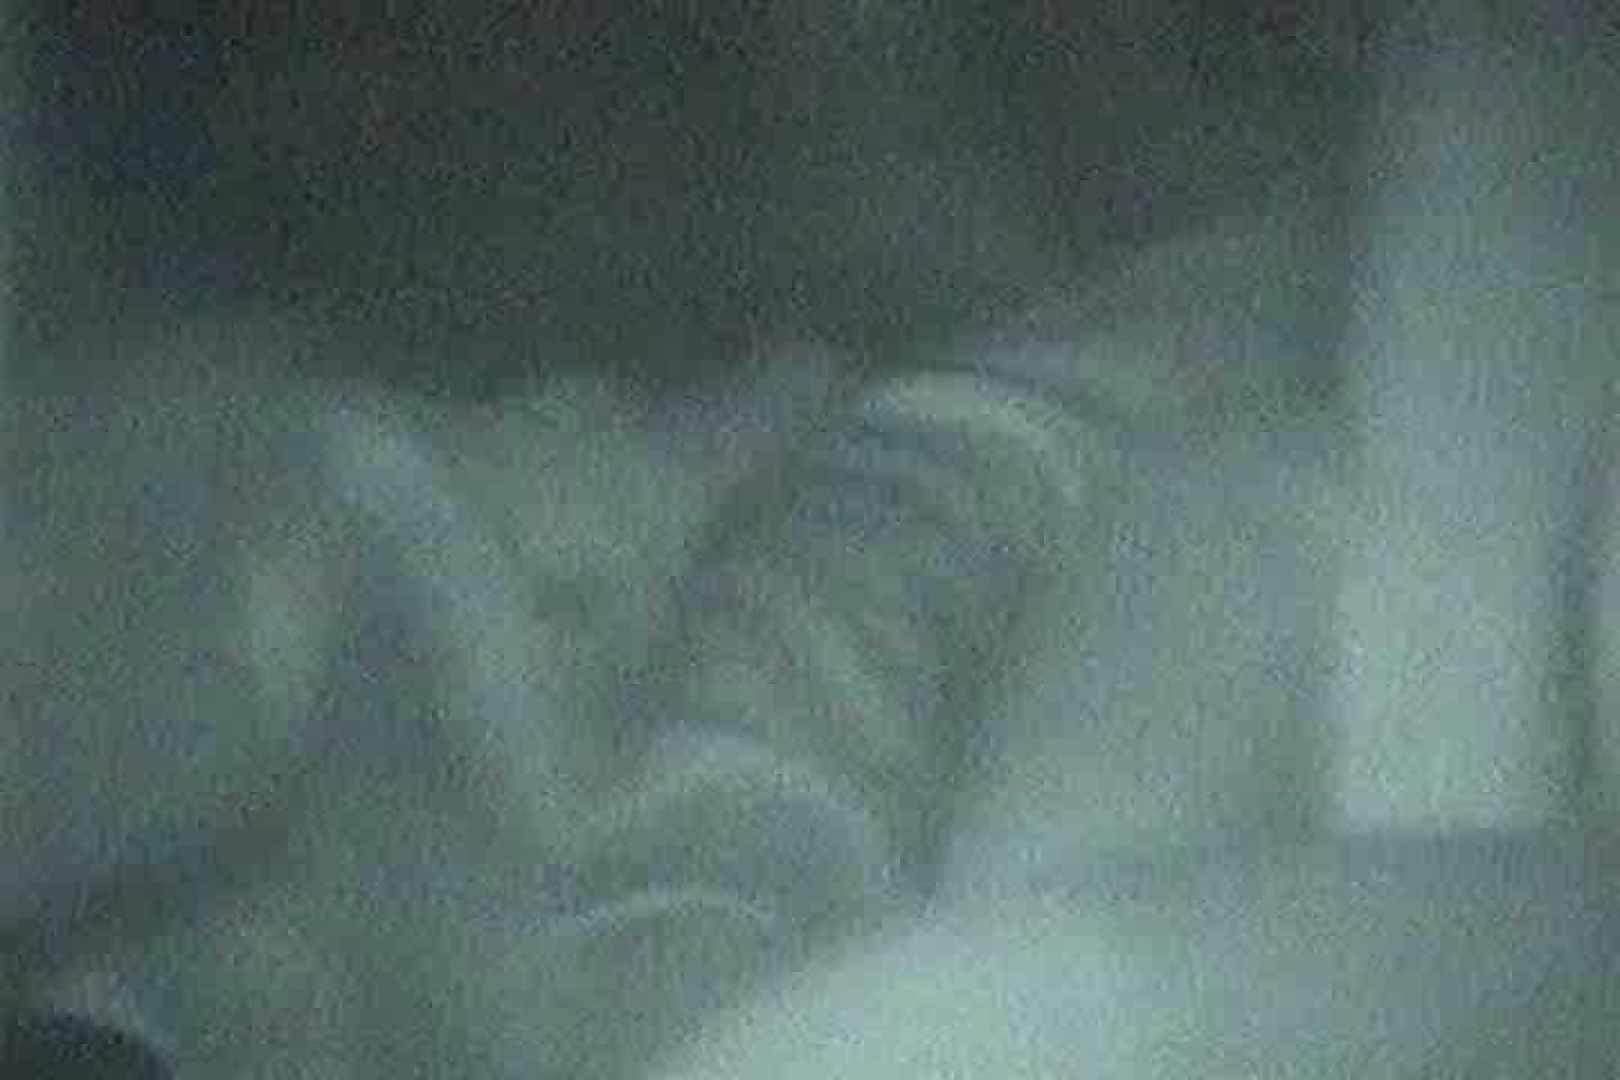 充血監督の深夜の運動会Vol.106 マンコ ワレメ無修正動画無料 83画像 34